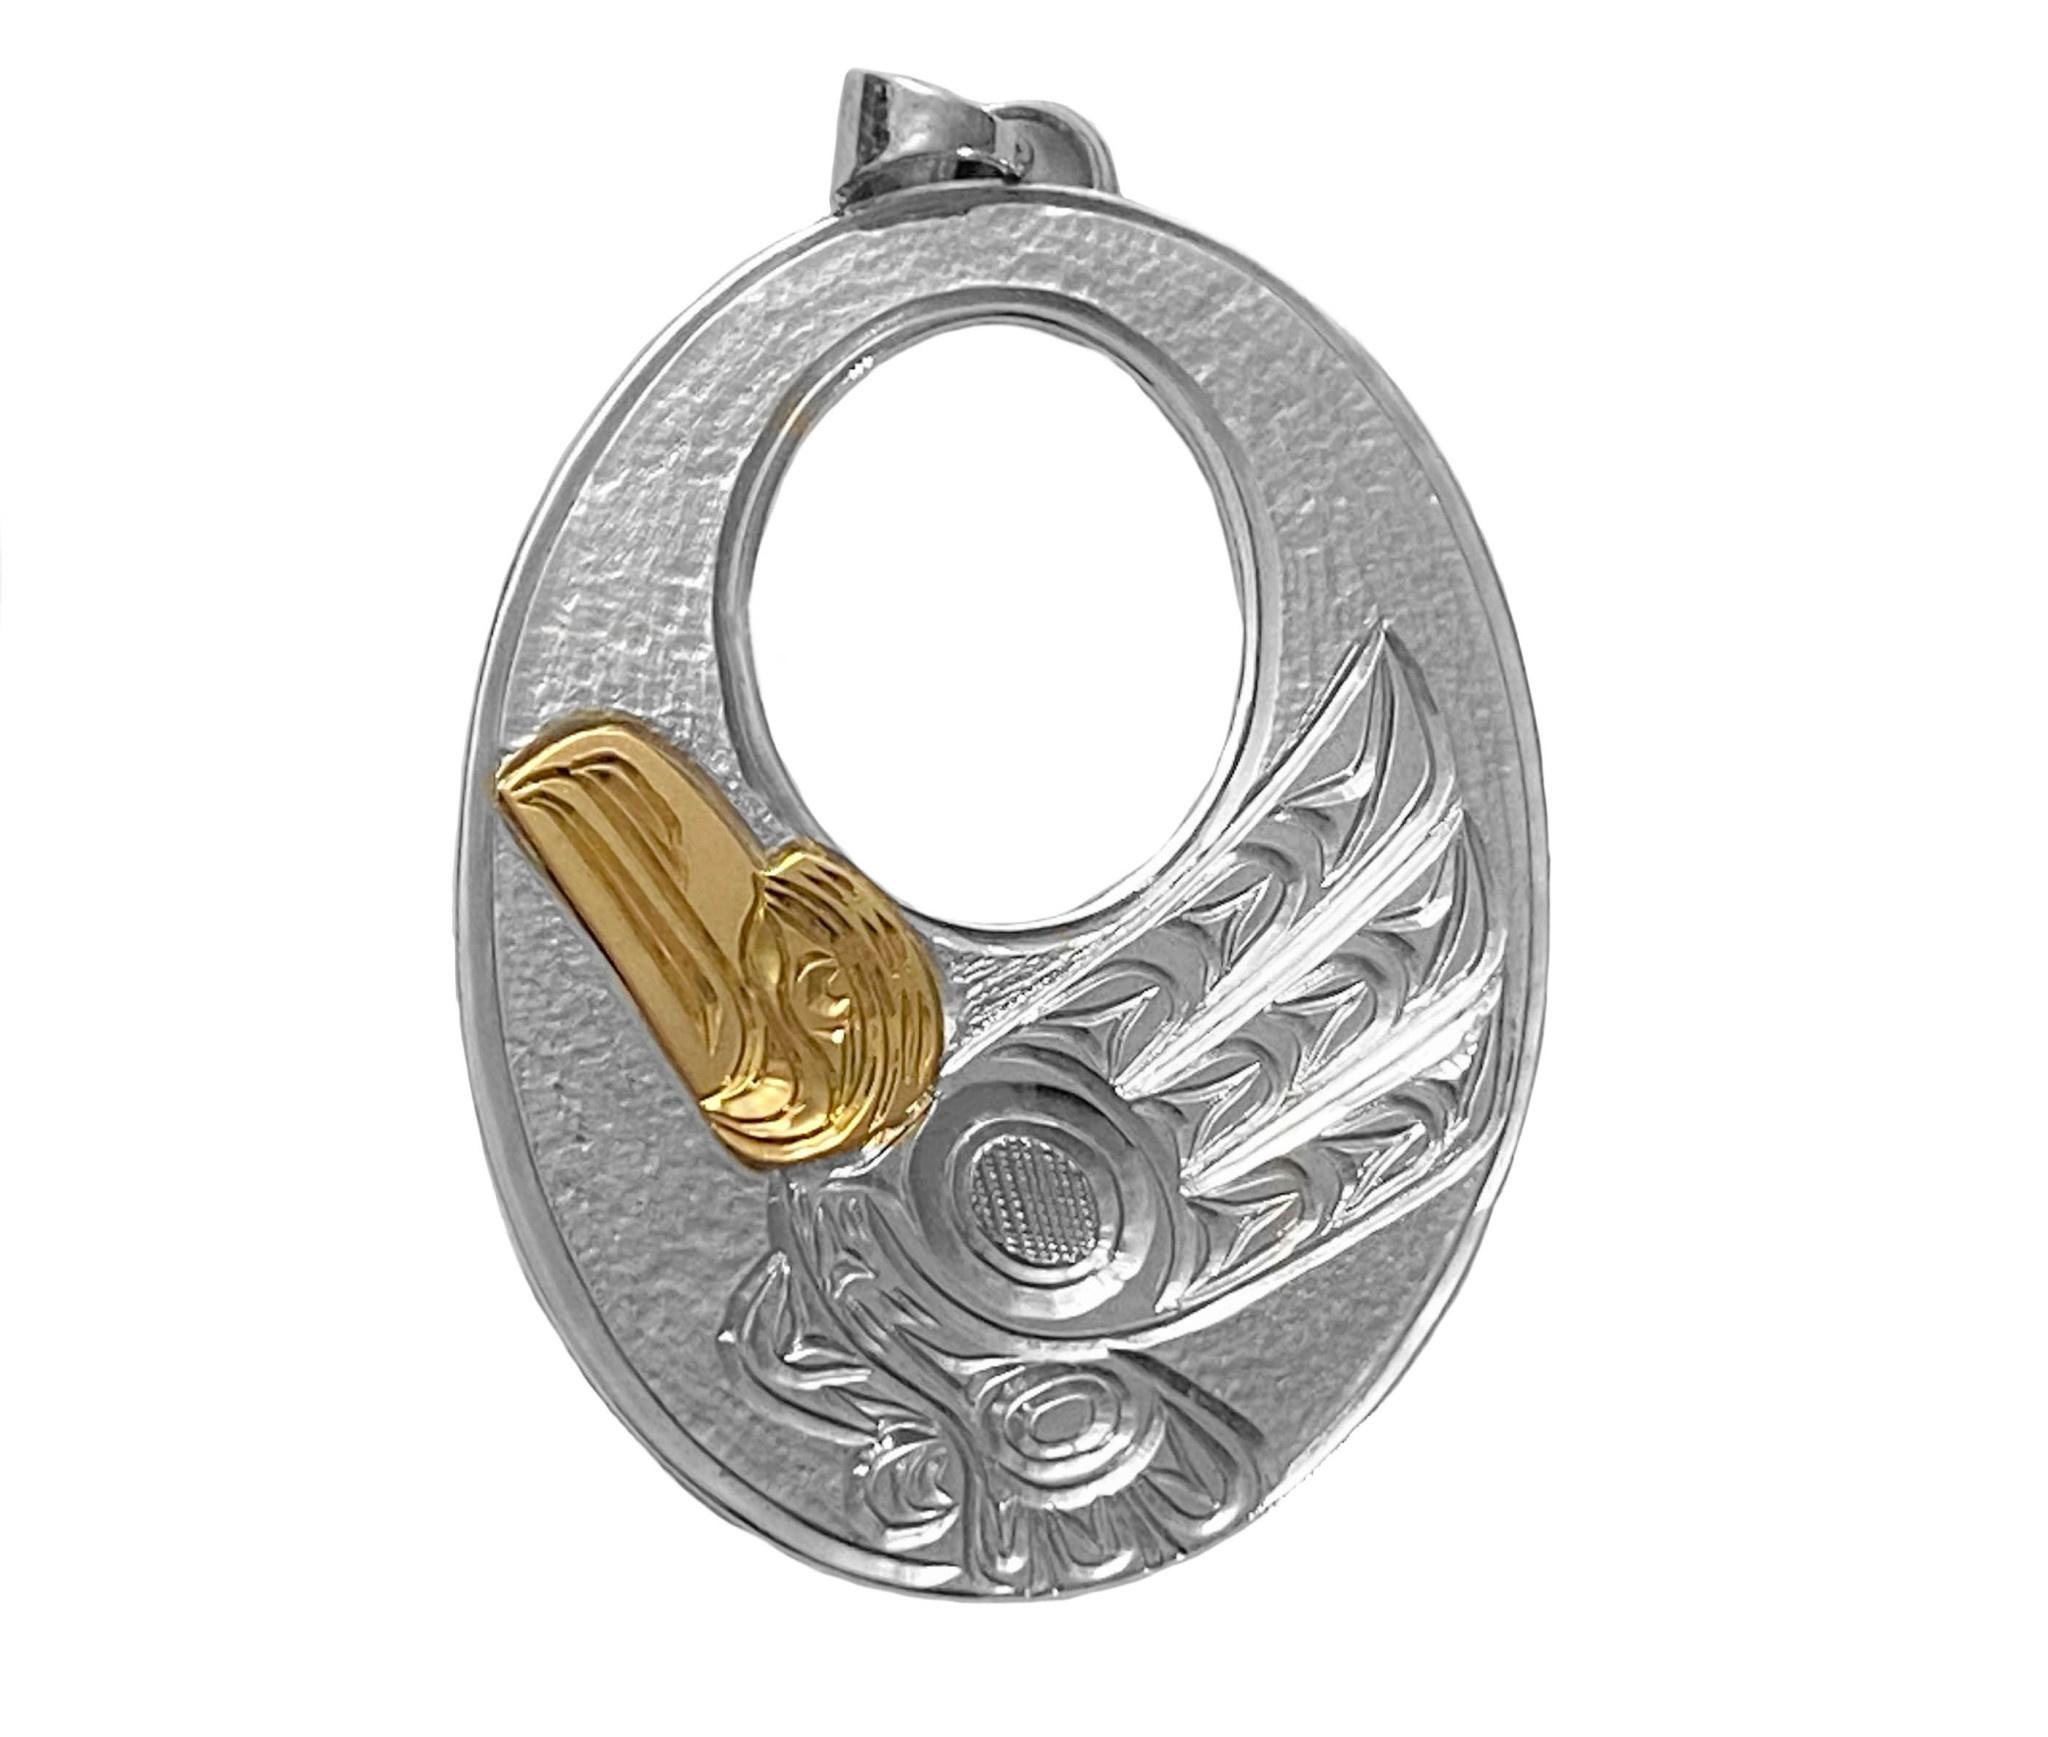 Silver and Gold Raven Pendant  (Squamish / Kwak'waka'wakw)